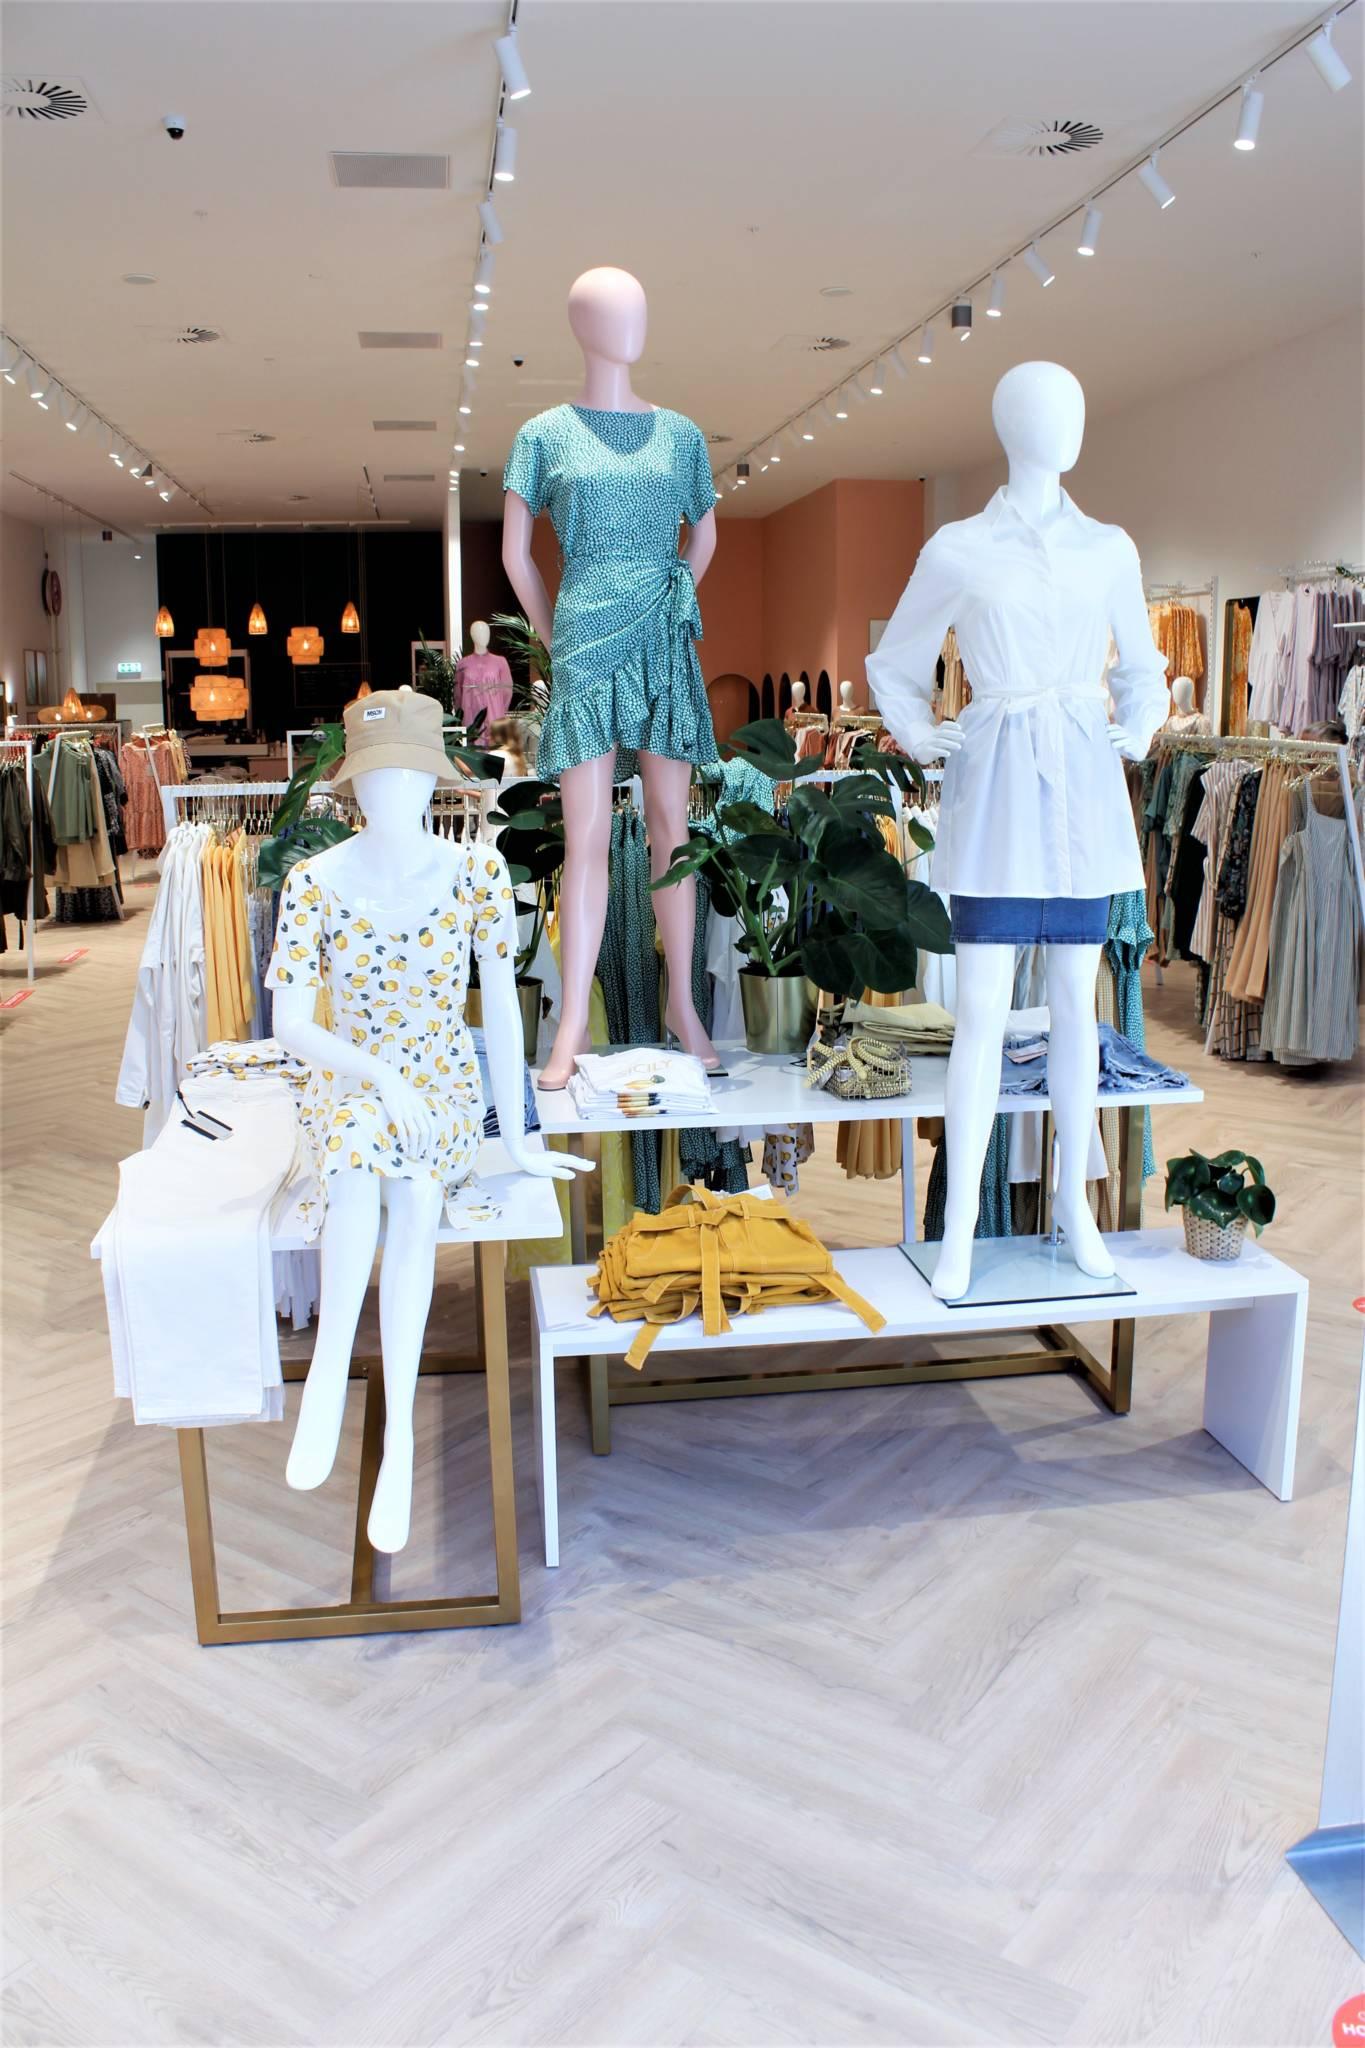 nye butikker med mannequiner i egne farver.